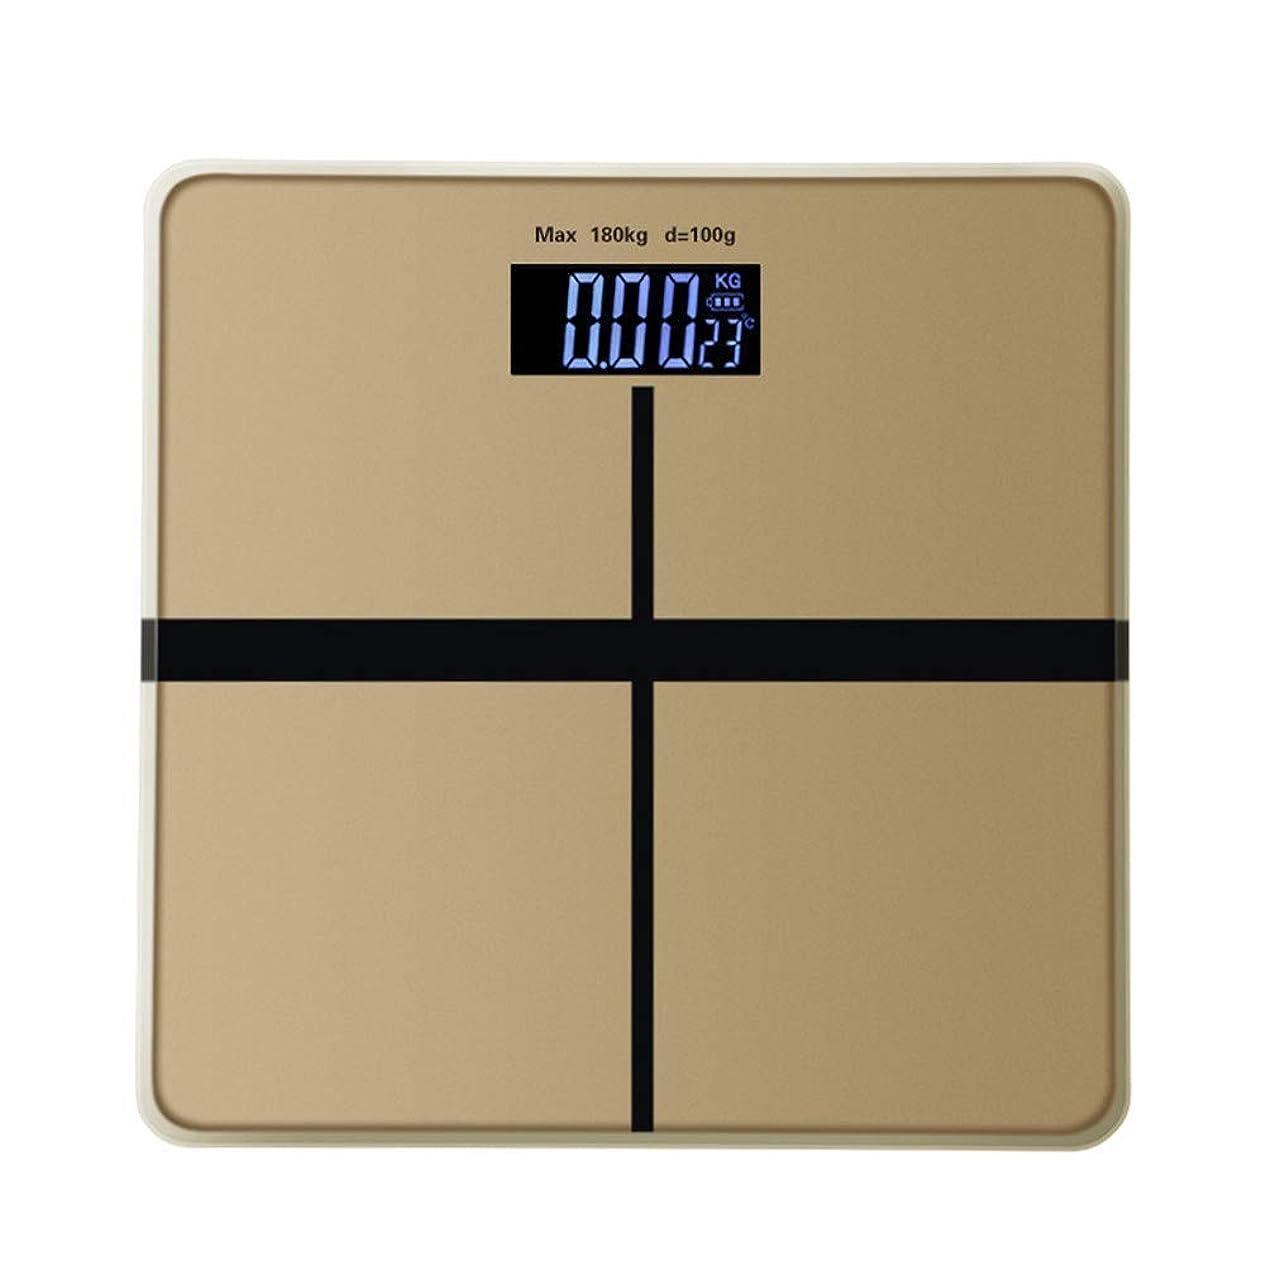 スパーク偶然のあえて体重計、デジタル天秤ばかり、電子体重計世帯の重いスマートな体重計